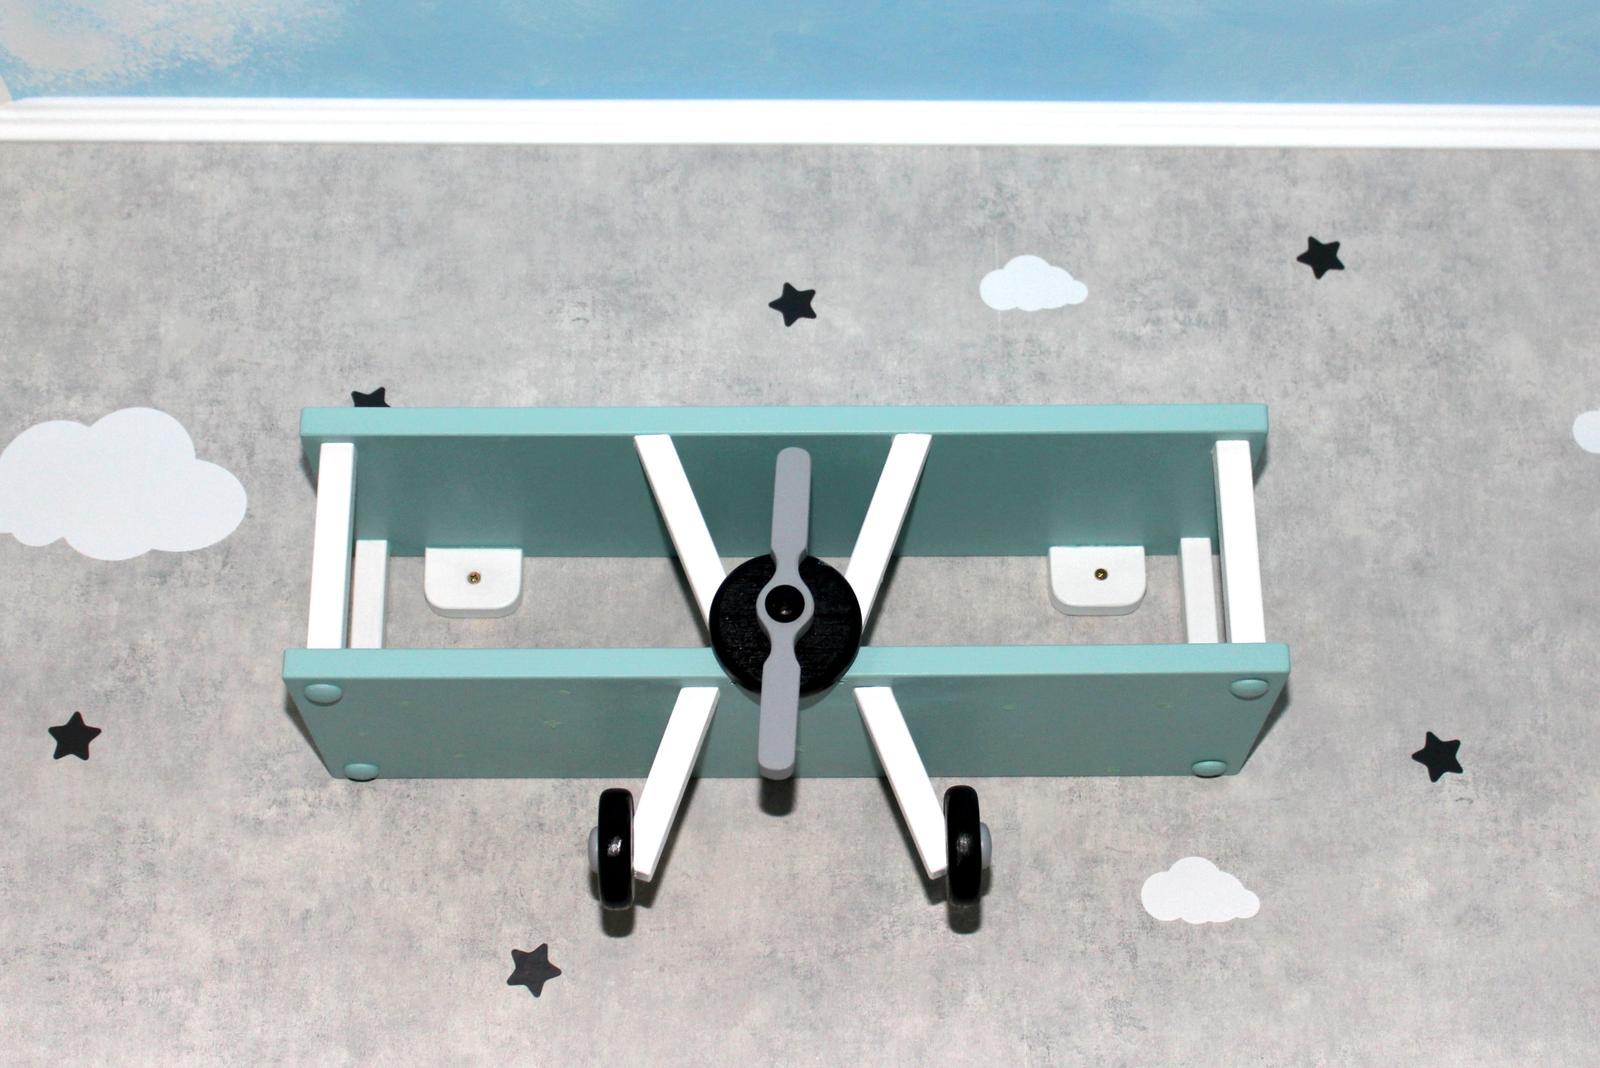 Tož, konečně! - letadlova policka od pana Jakub Šašek z fb namalovana stejnou barvou jako zbytek